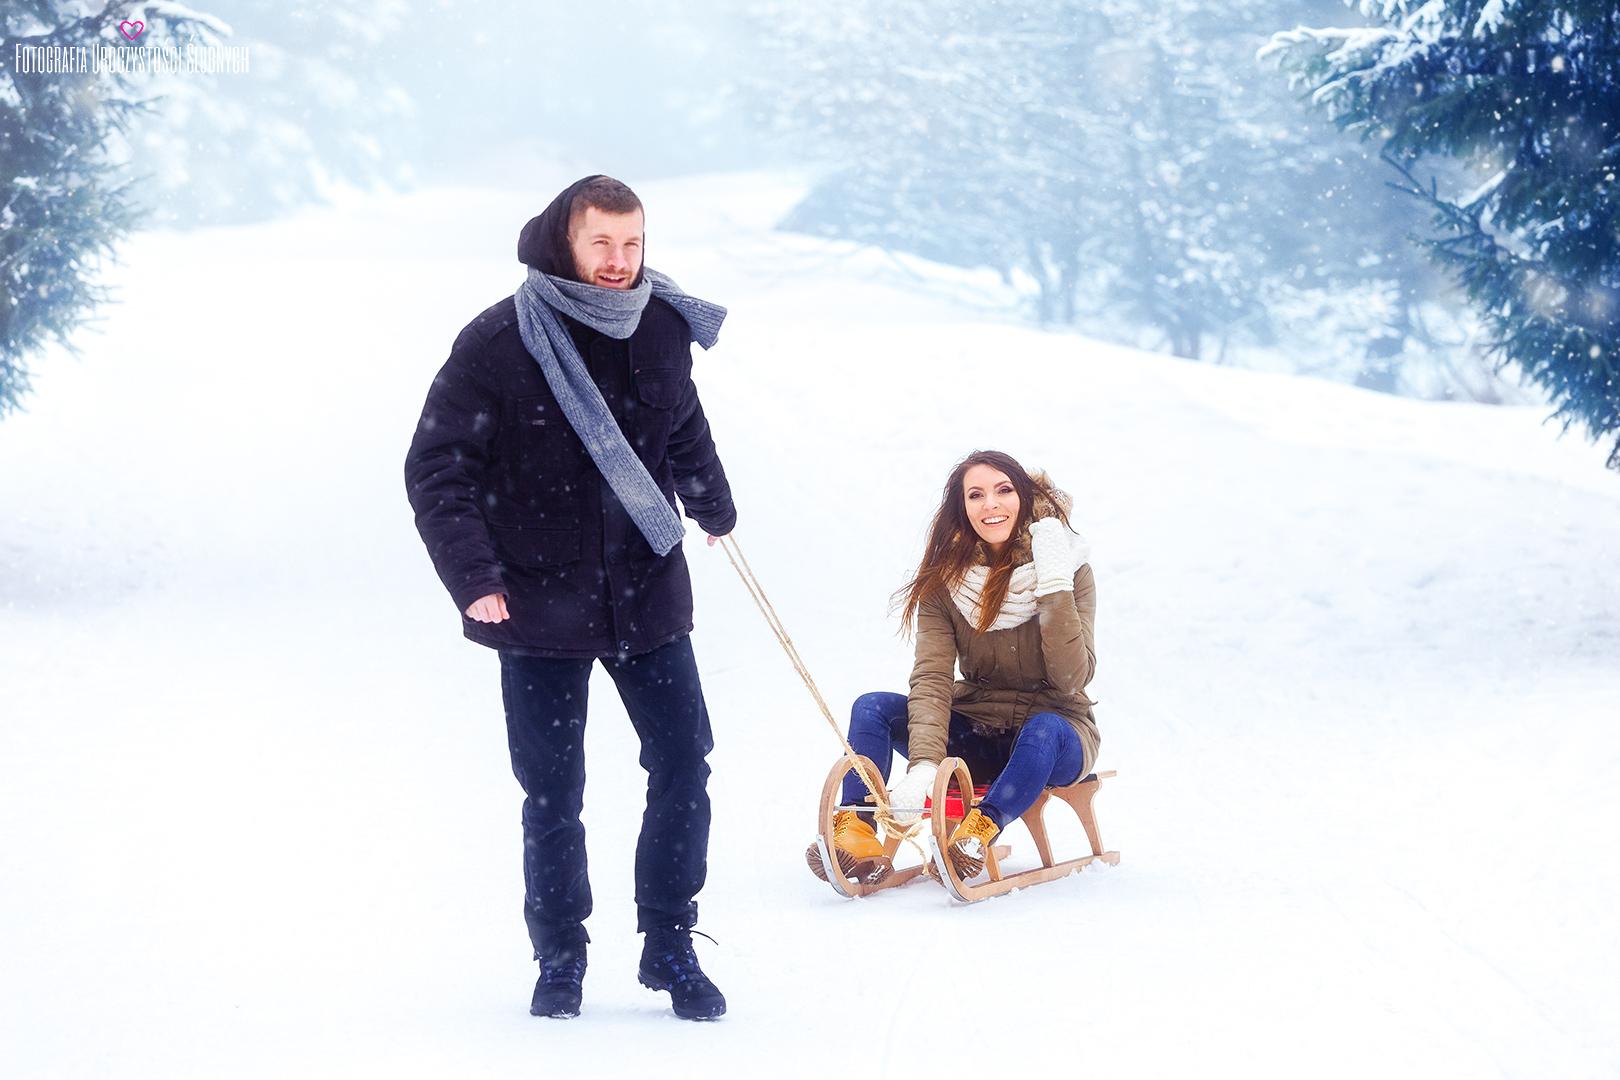 Sesja w górach, zimowa sesja narzeczeńska, sesja plenerową zimą w Karkonoszach